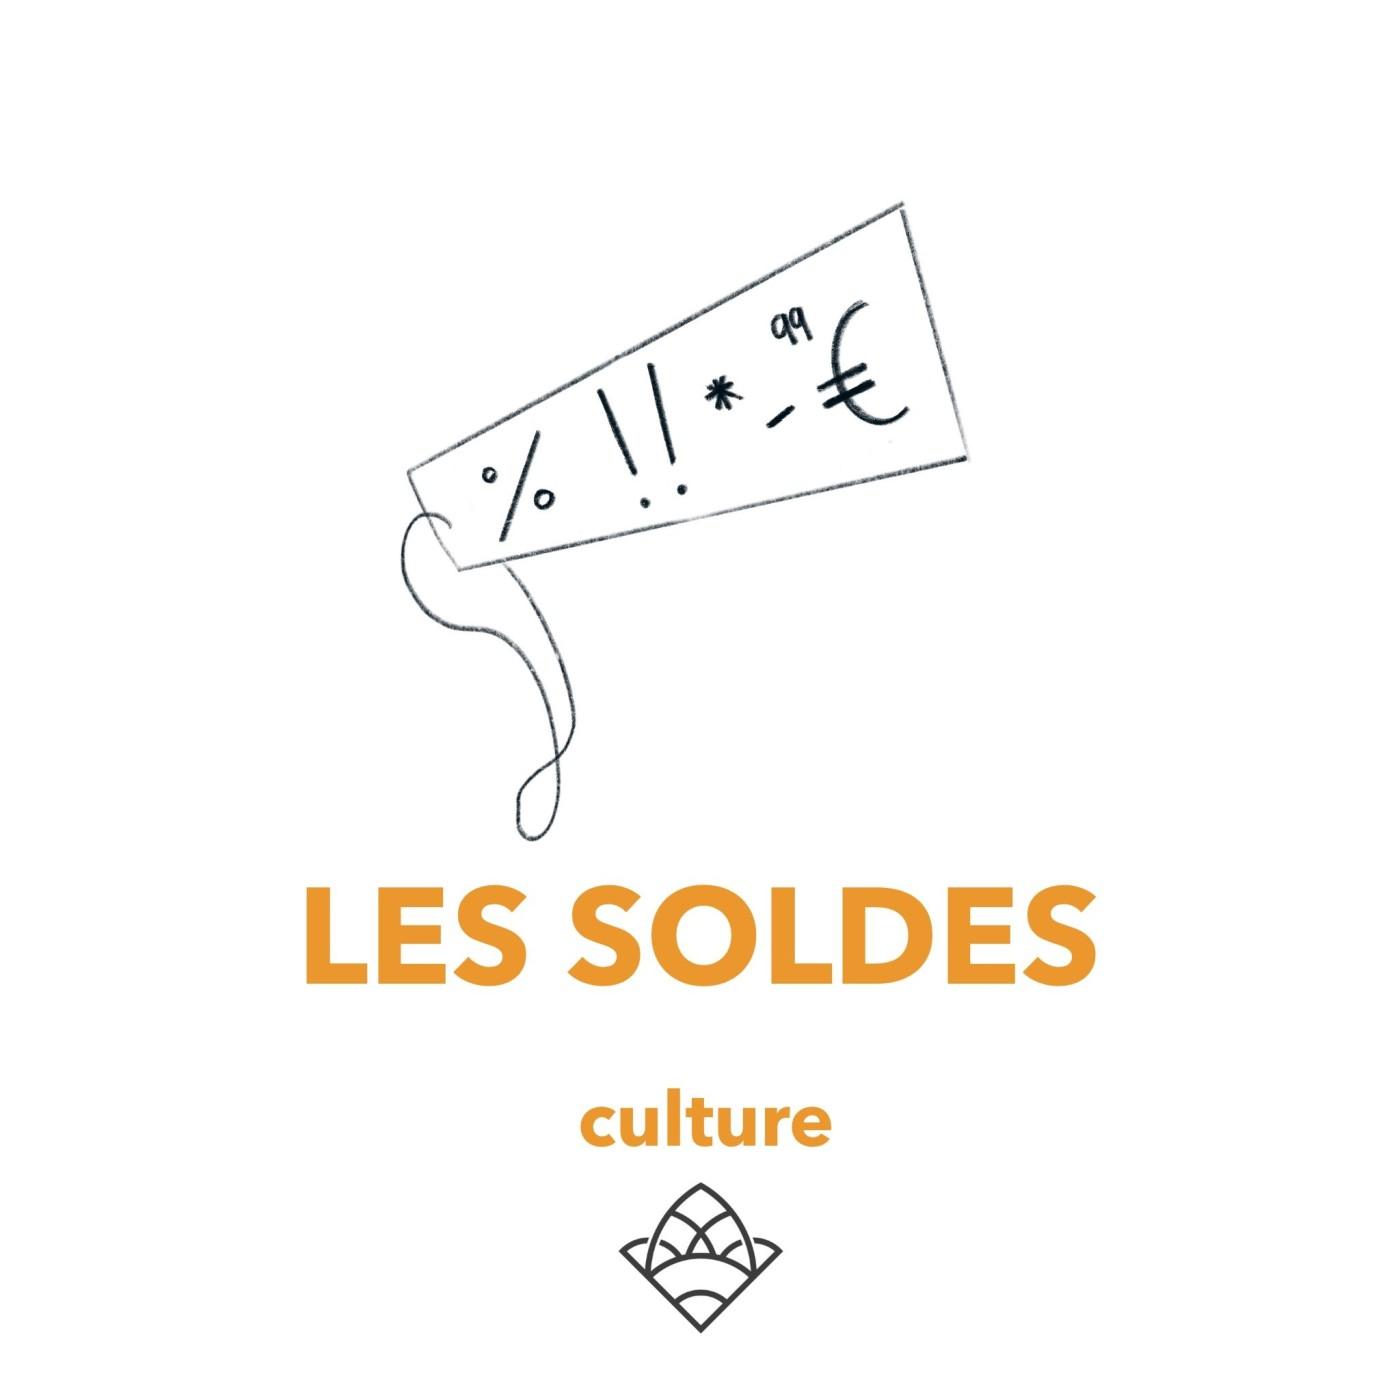 (culture 27) Les soldes